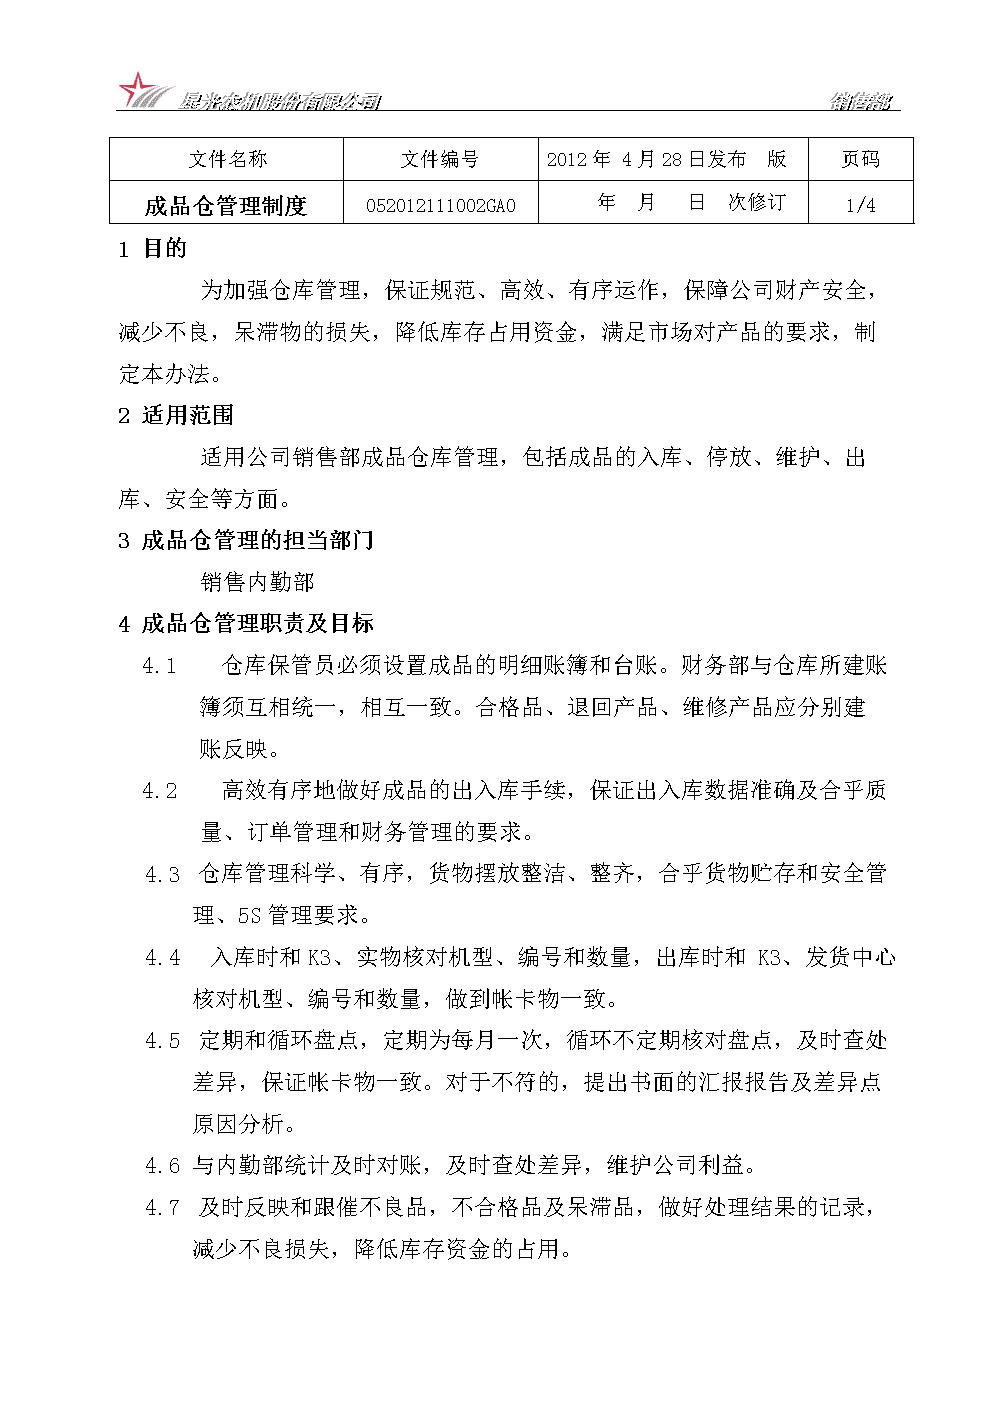 成品倉管理制度.doc